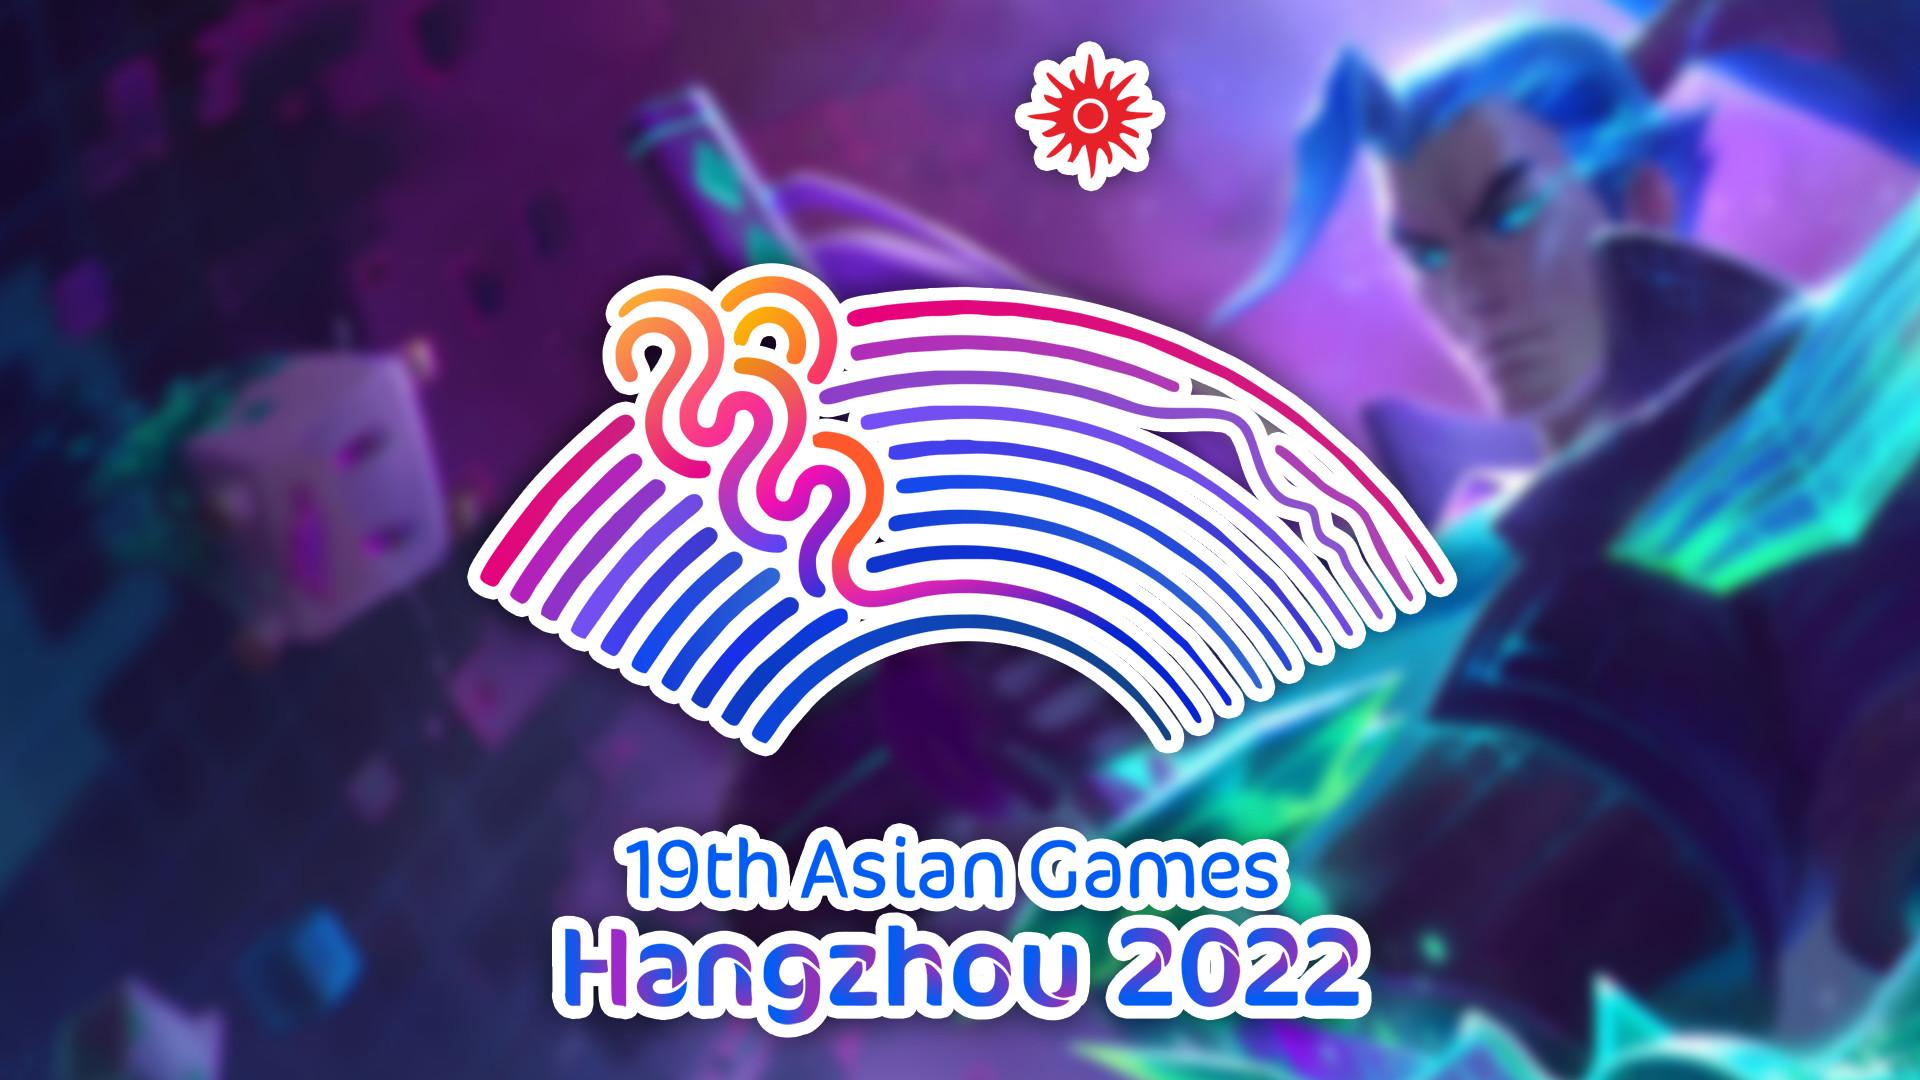 Jogos Asiáticos 2022 League of Legends